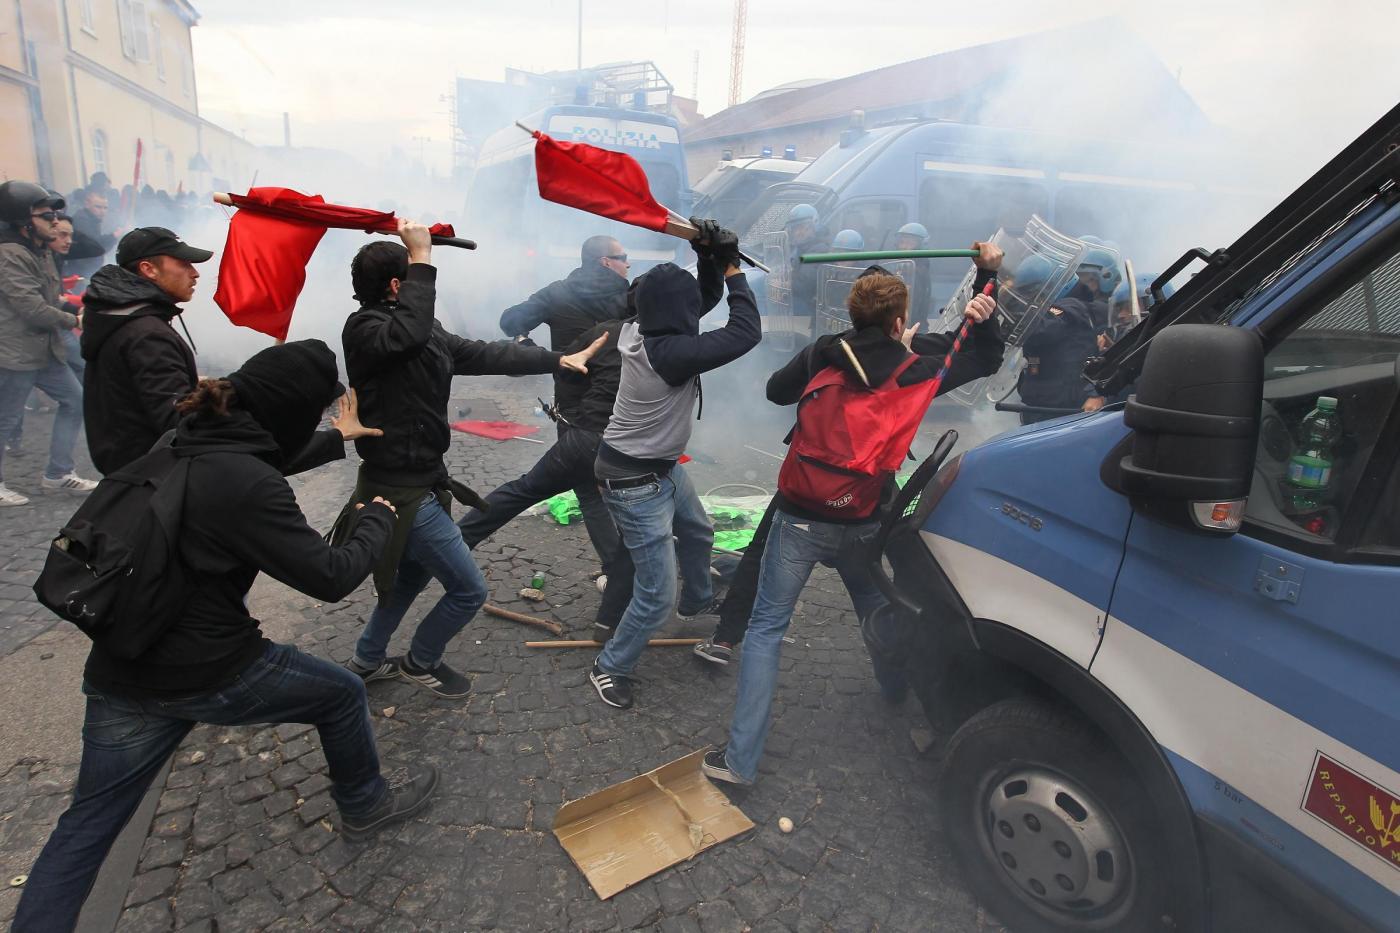 Corteo Contro Lo Sblocca Italia Scontri Con Feriti A